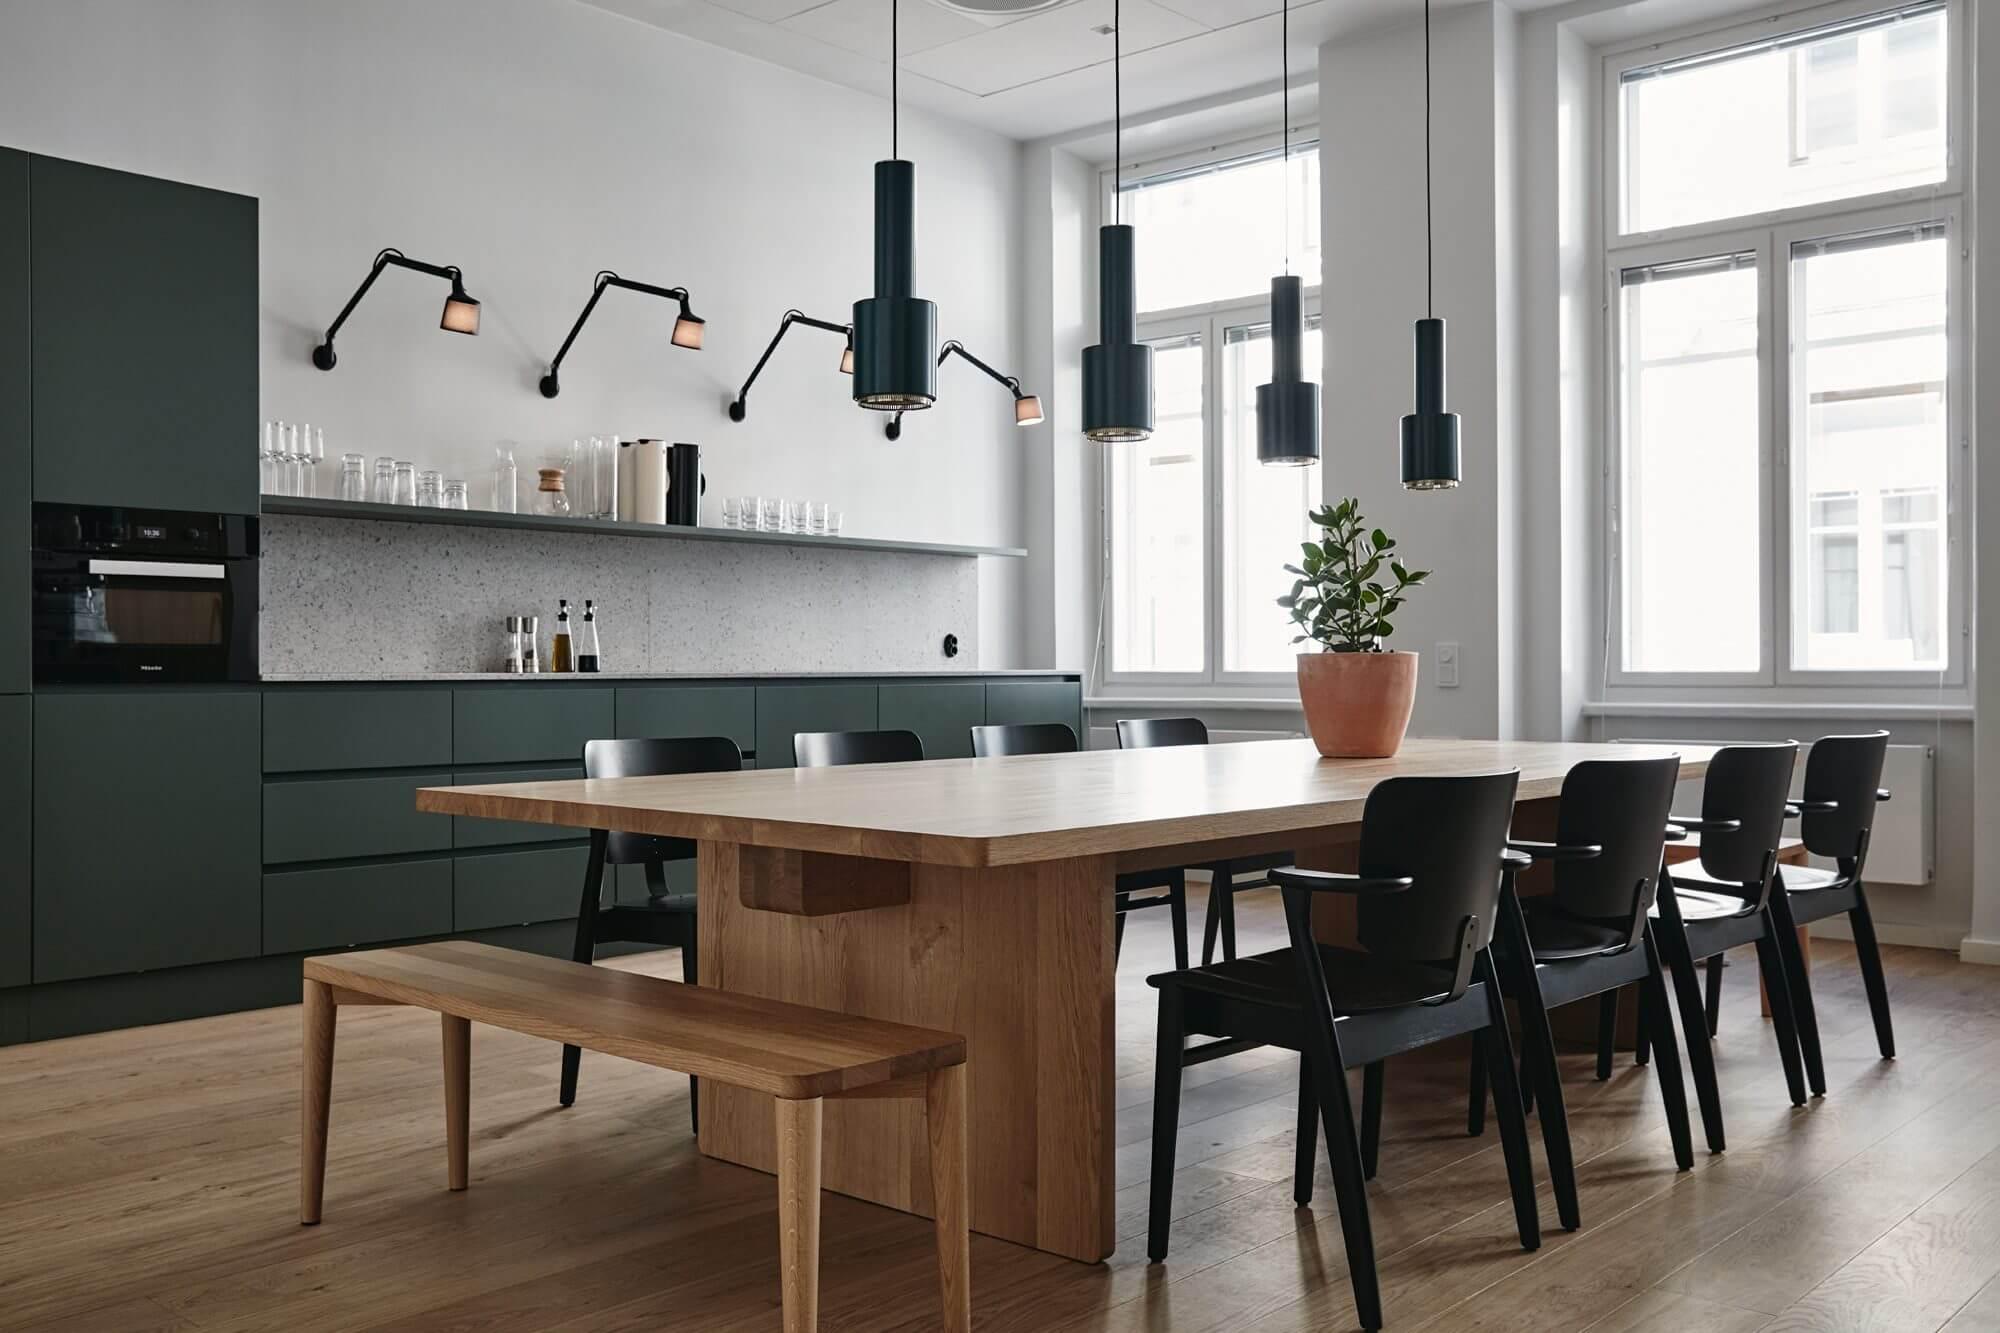 Table en bois brut dans la cuisine